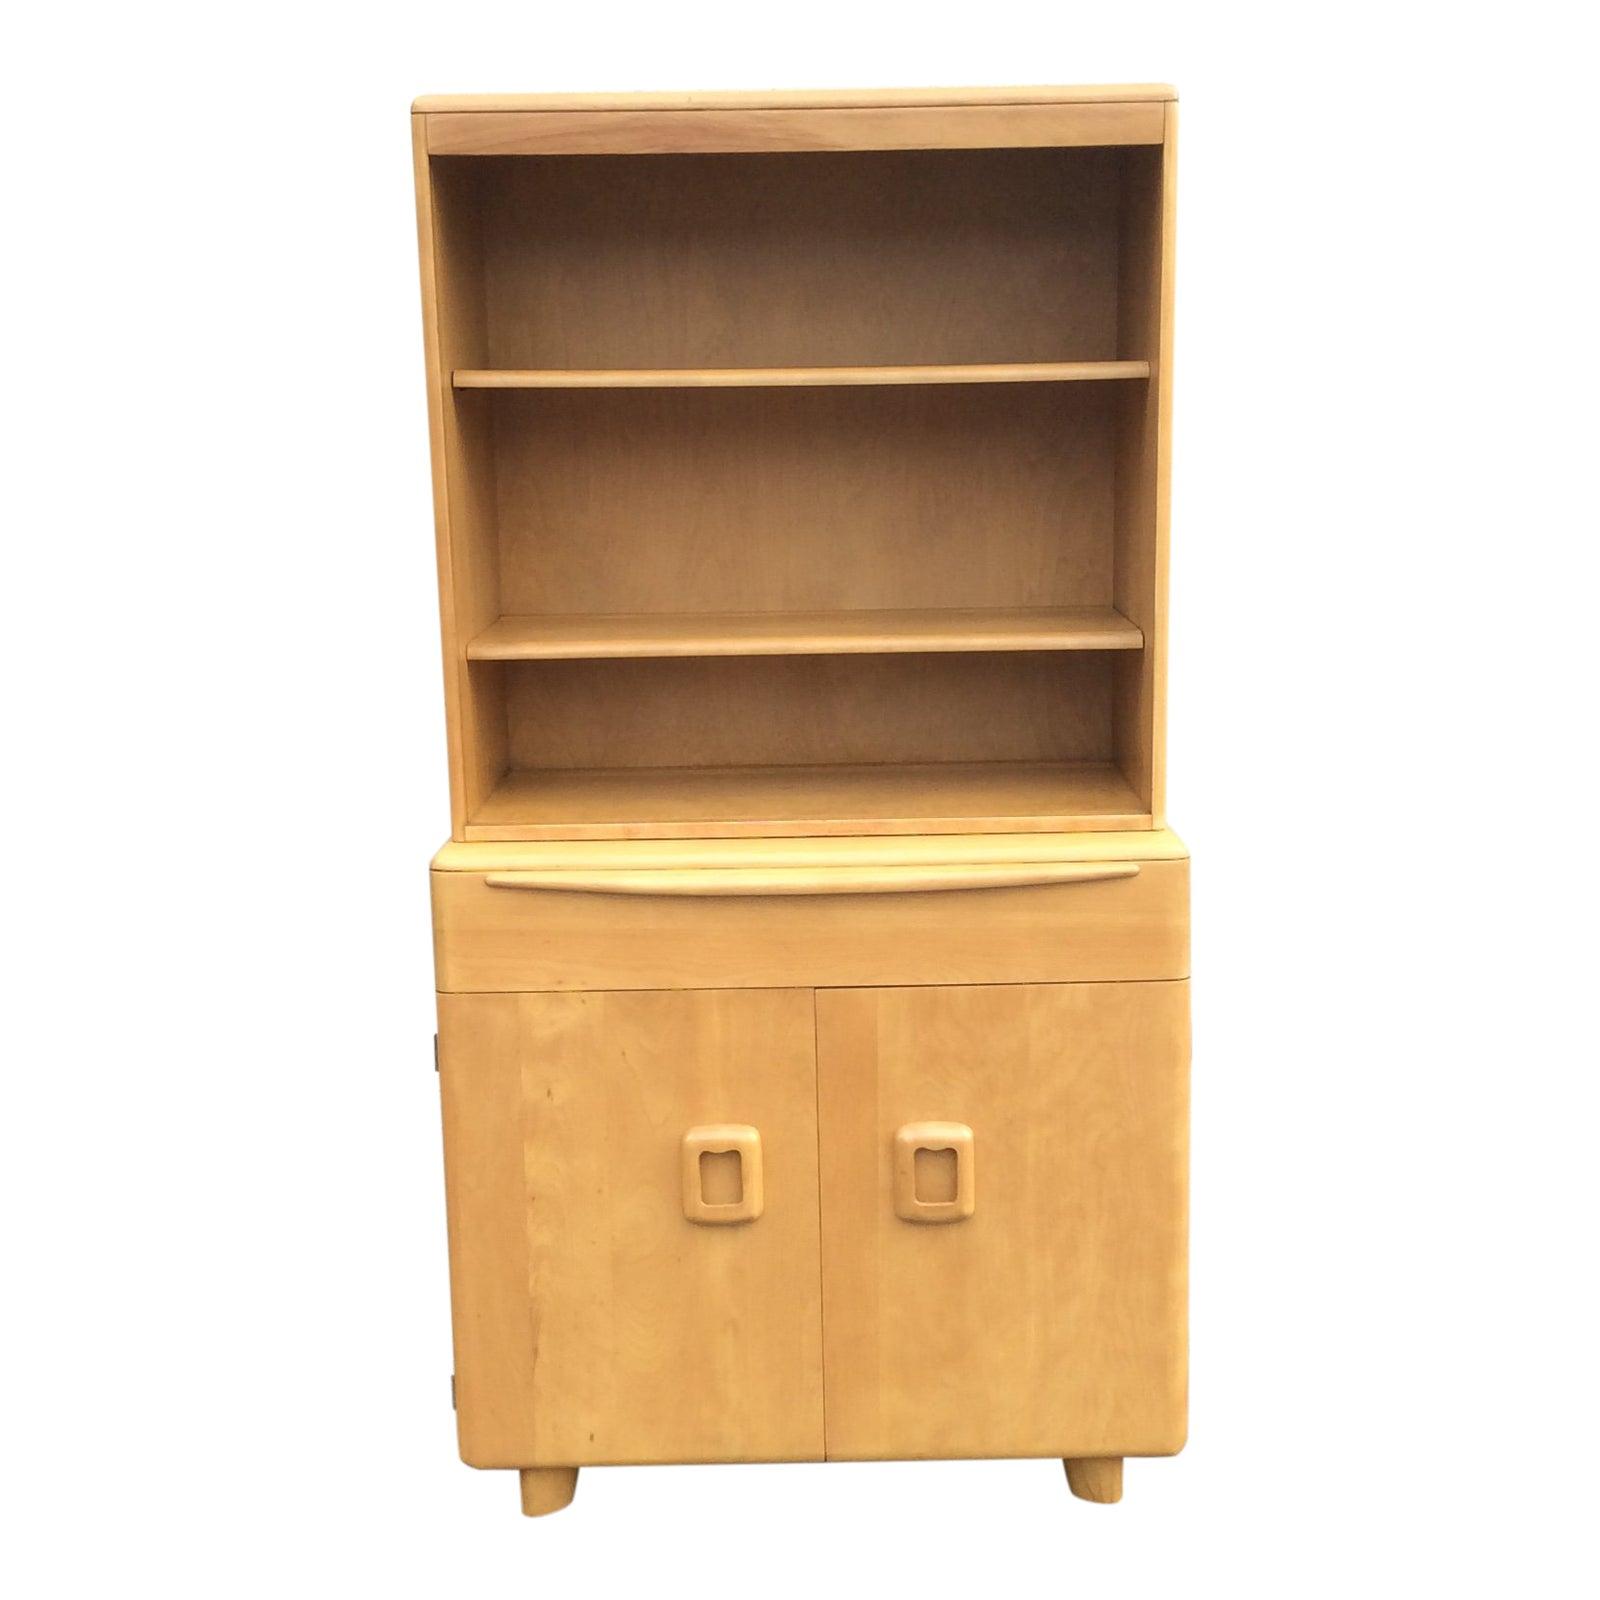 1950s mid century modern heywood wakefield china closet cabinet chairish